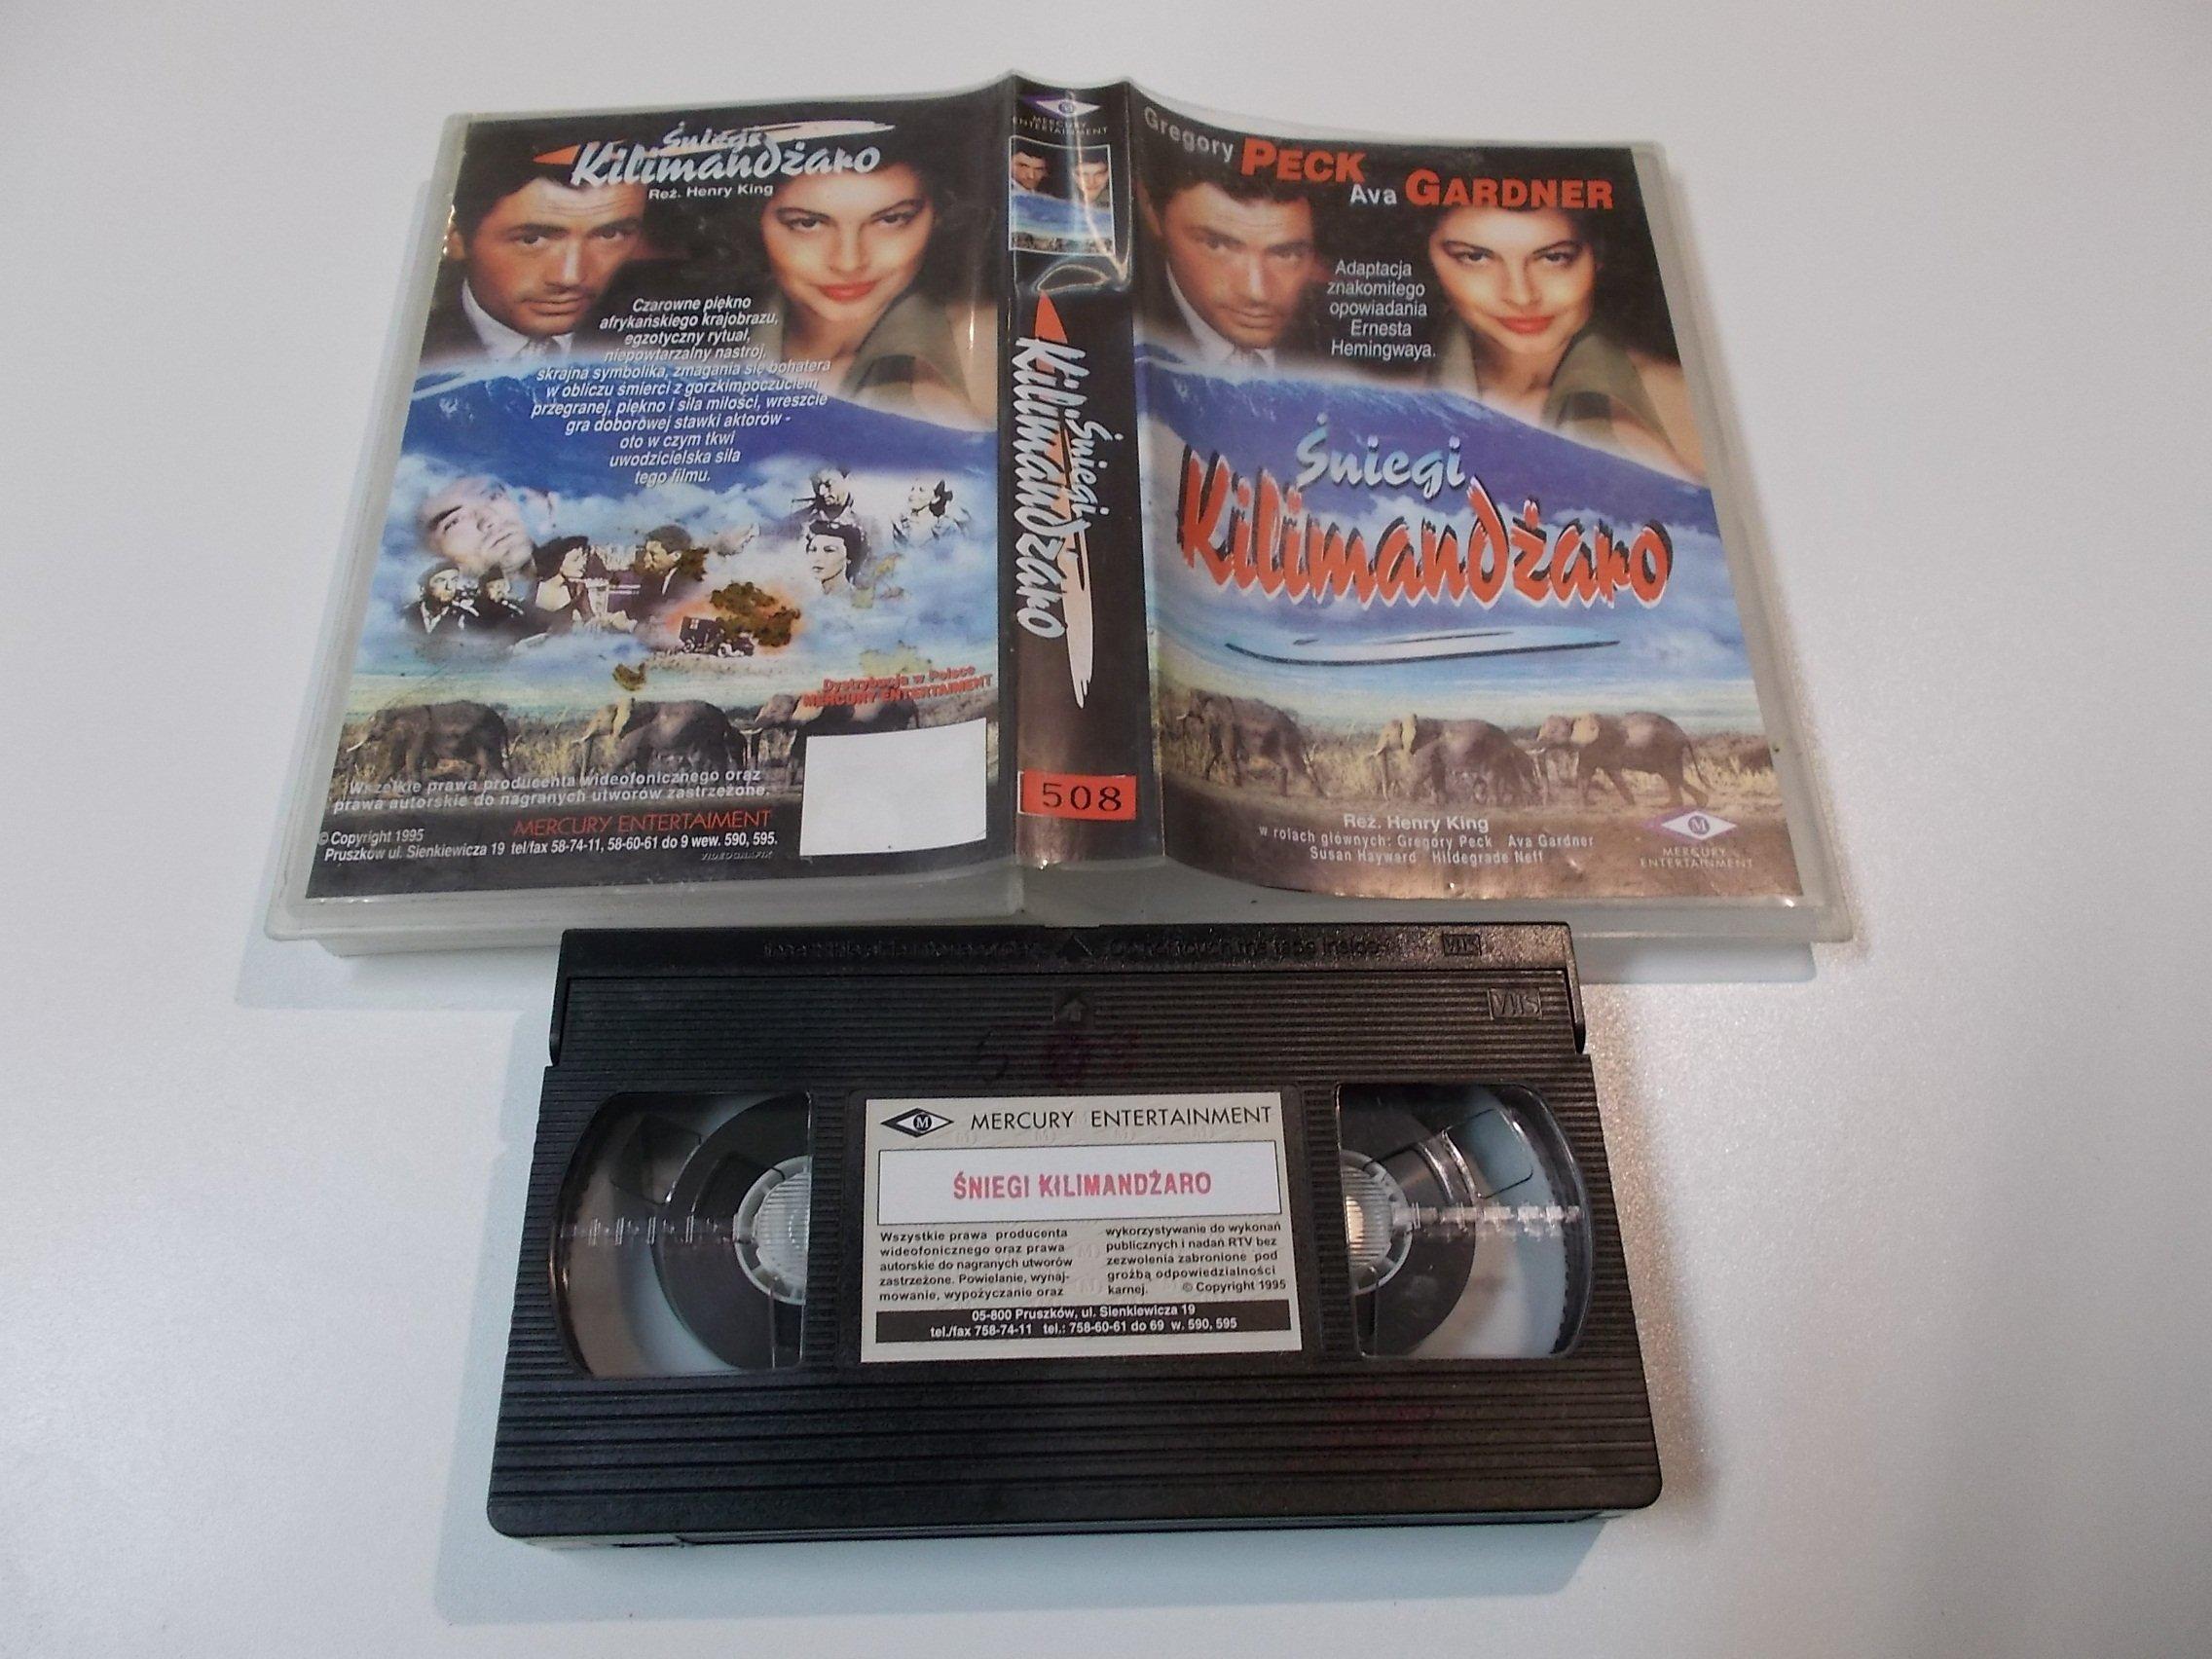 ŚNIEGI KILIMANDŹARO - kaseta Video VHS - 1448 Sklep